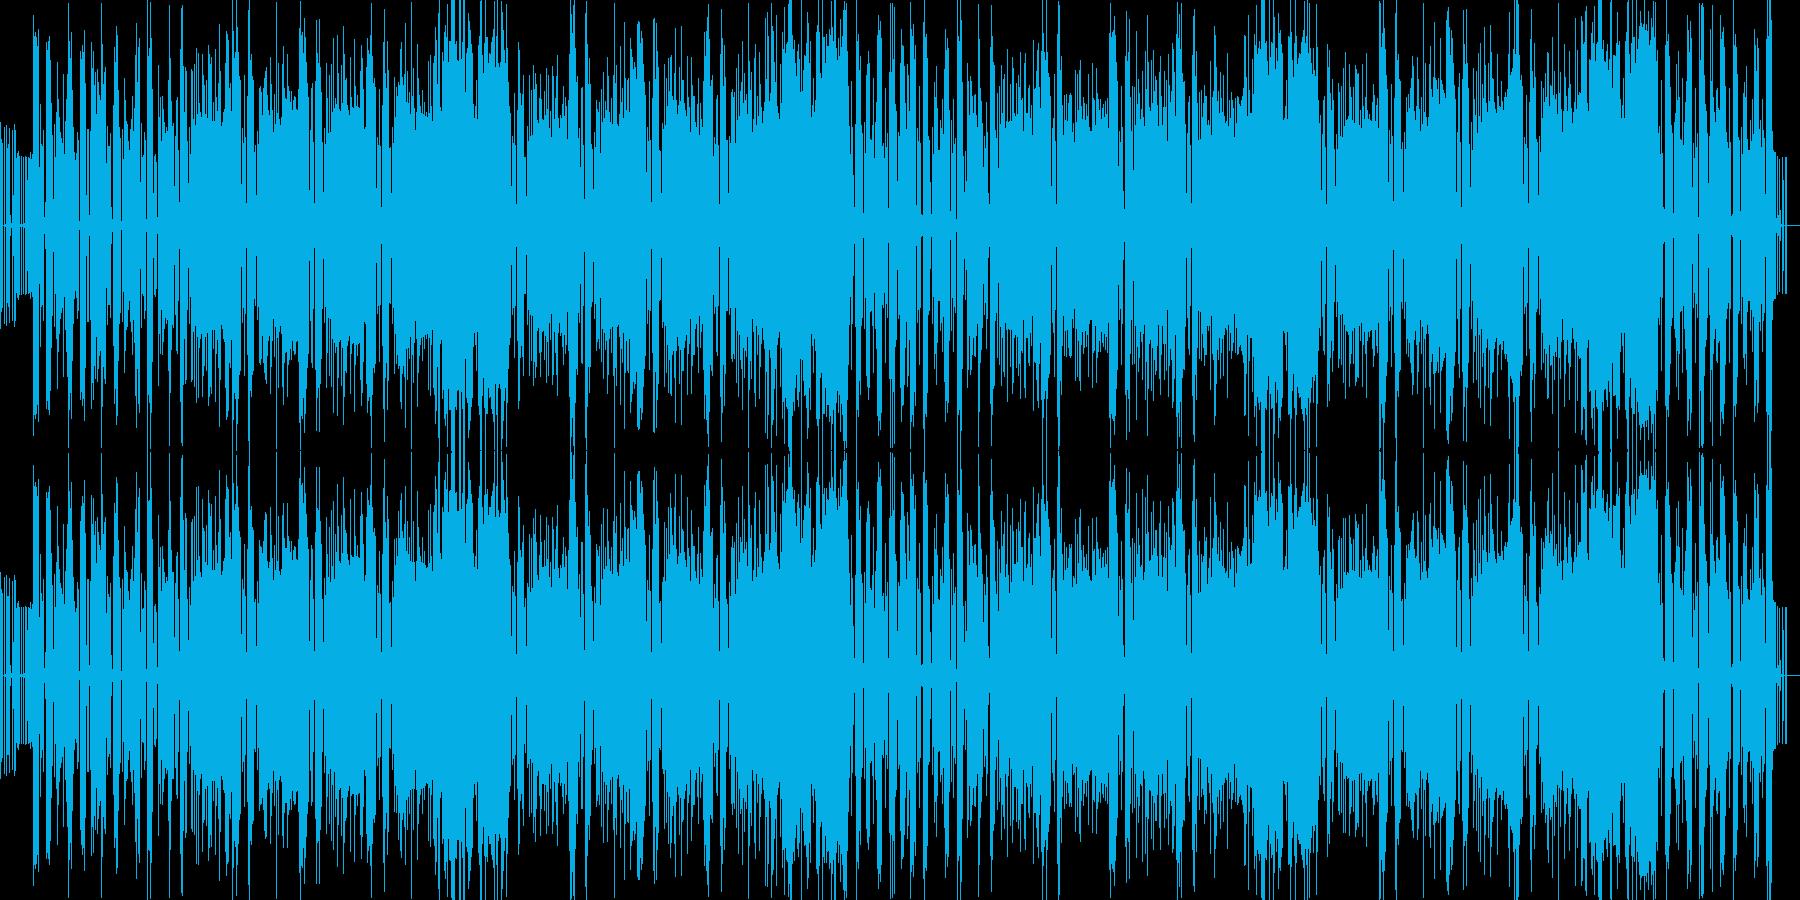 ダンスビートとへヴィーリフの組み合わせの再生済みの波形